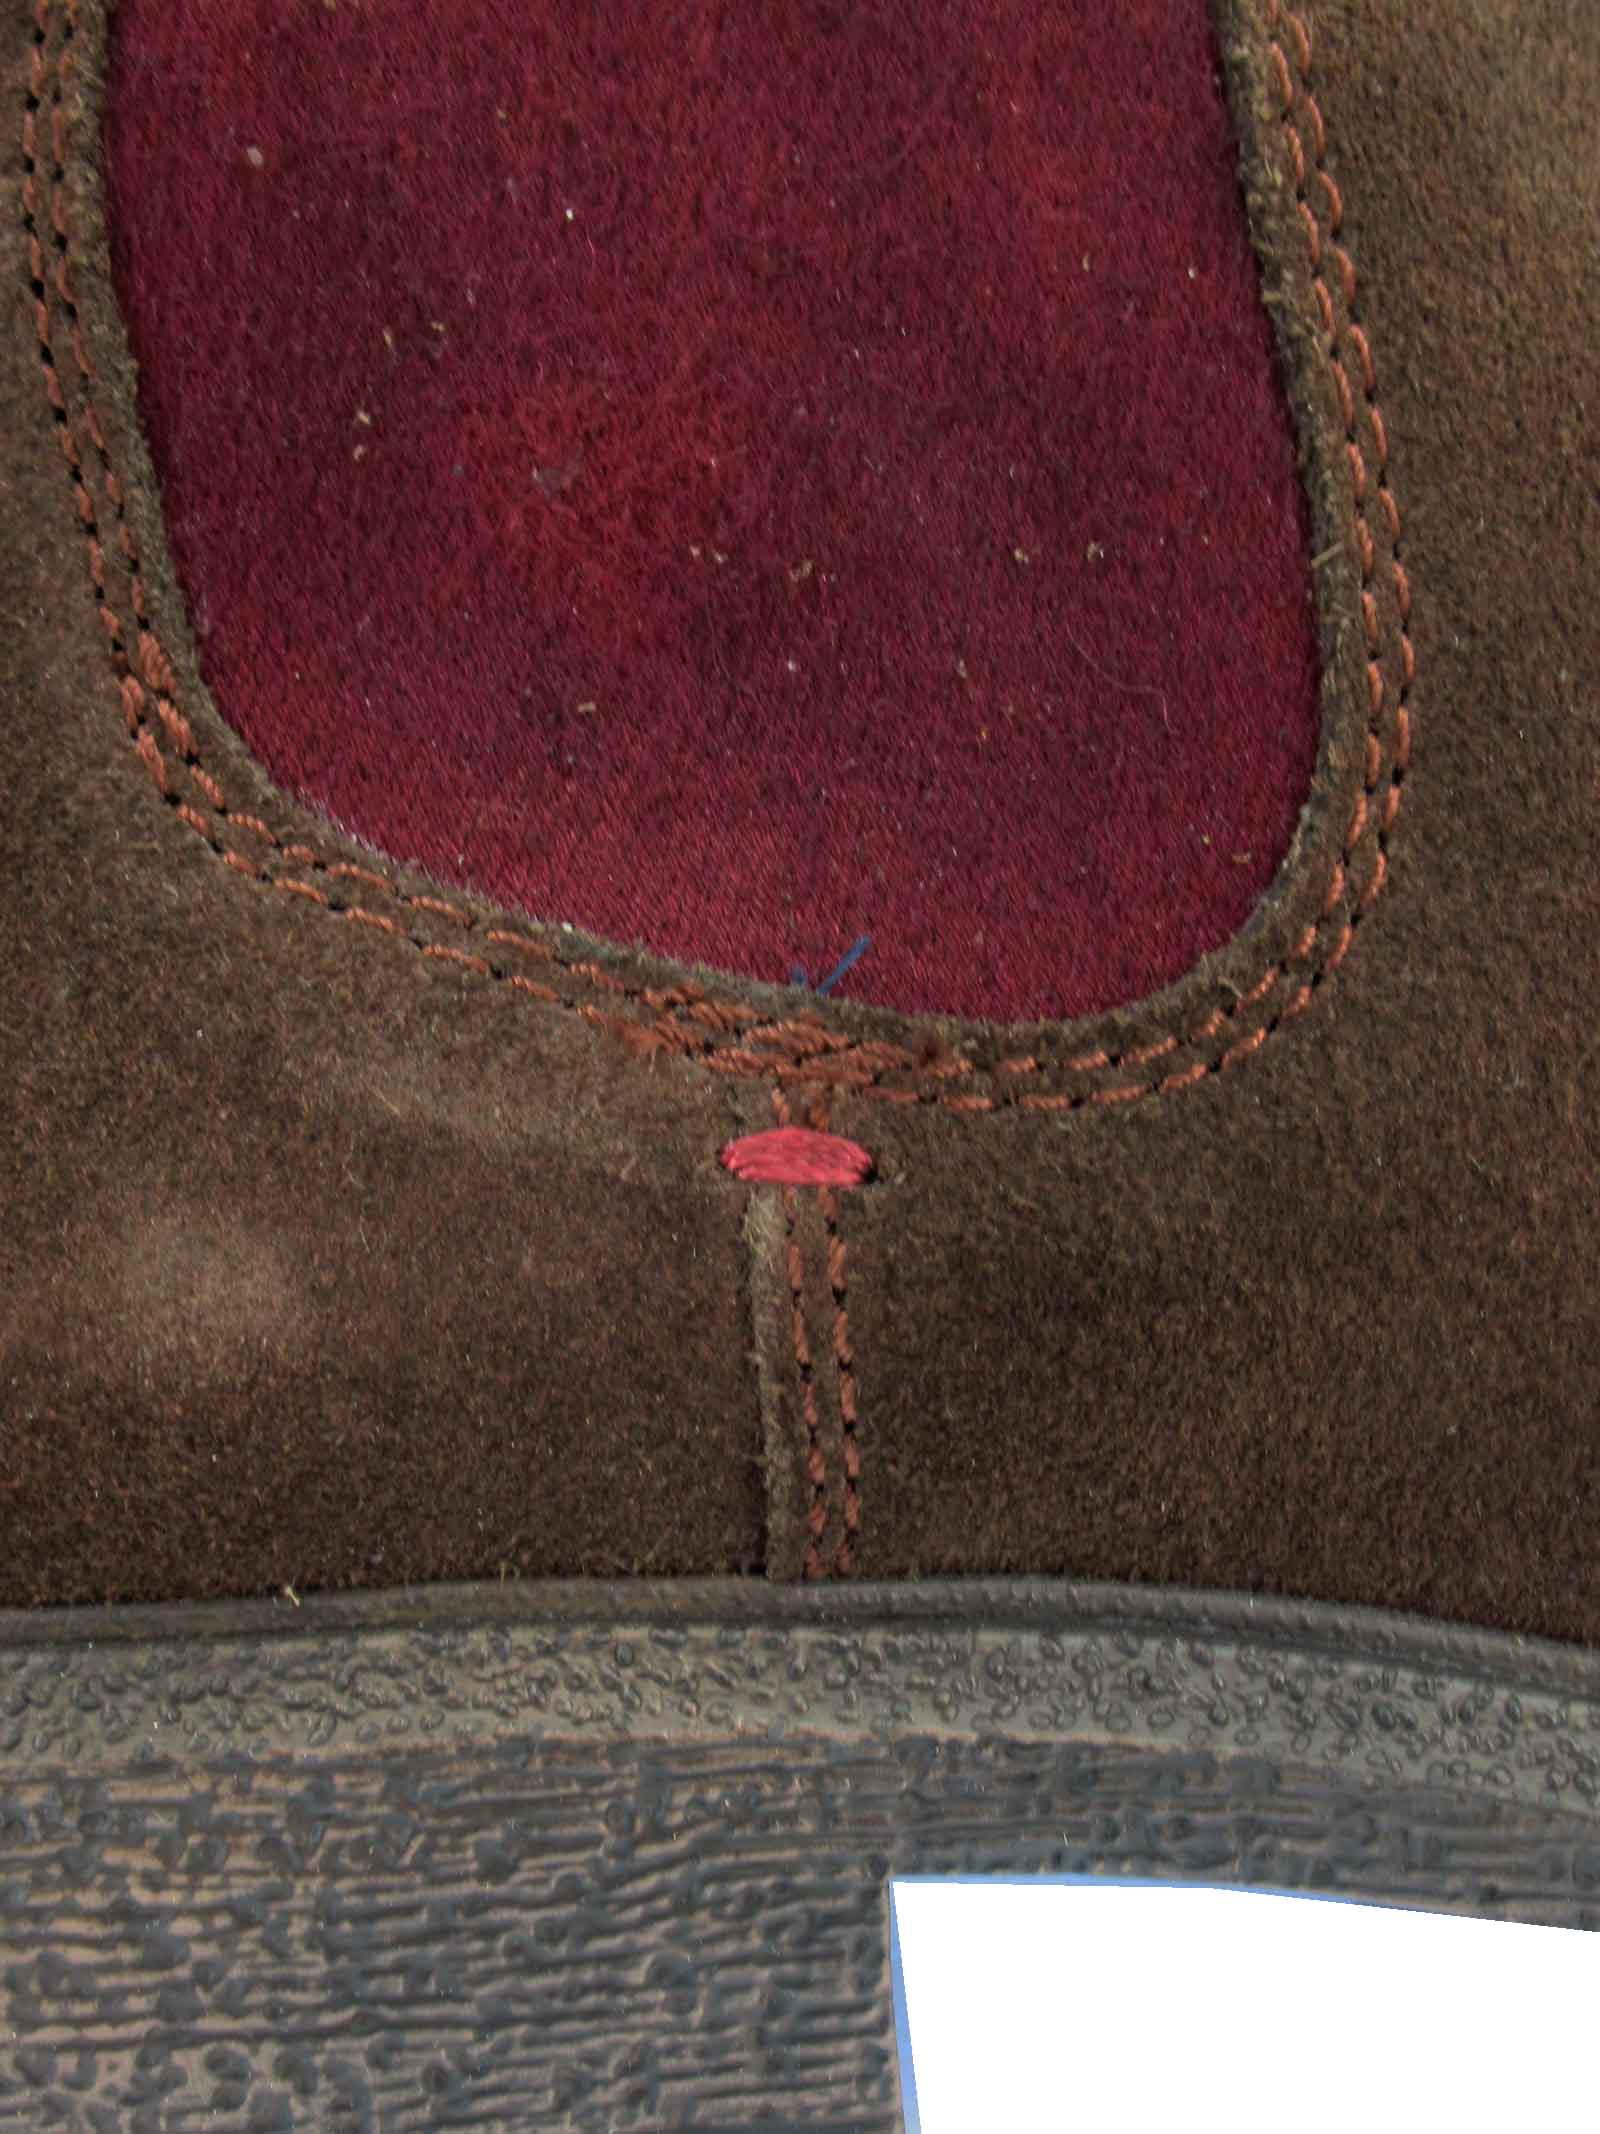 Calzature Uomo Stivaletti Beatles Custom Chelsea in Camoscio Marrone con Fondo in Gomma Wrangler | Stivaletti | WM12081A030